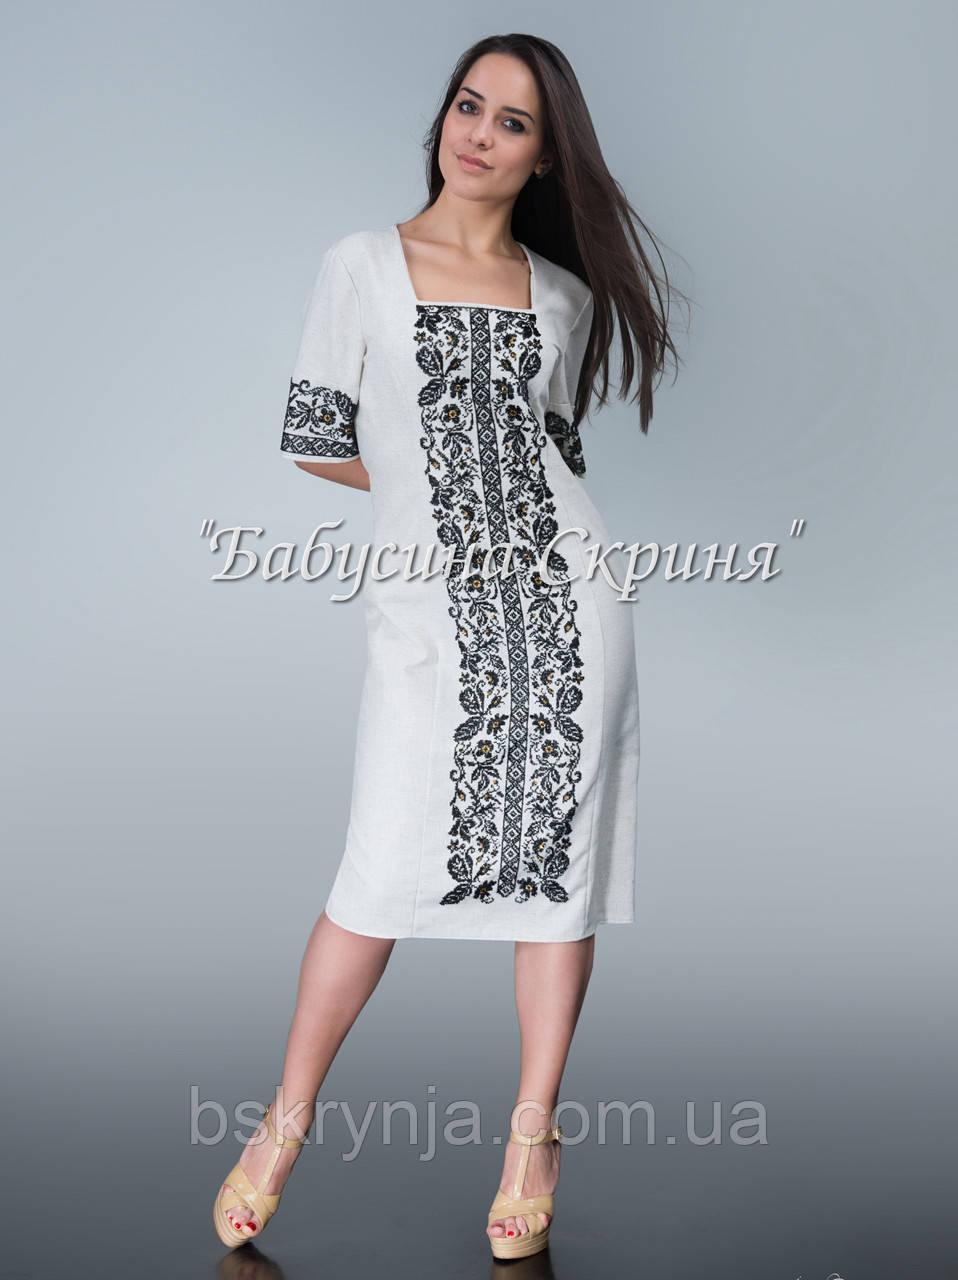 2a7cfa36078 Заготовка Сокальської жіночої сукні для вишивки нитками бісером БС ...